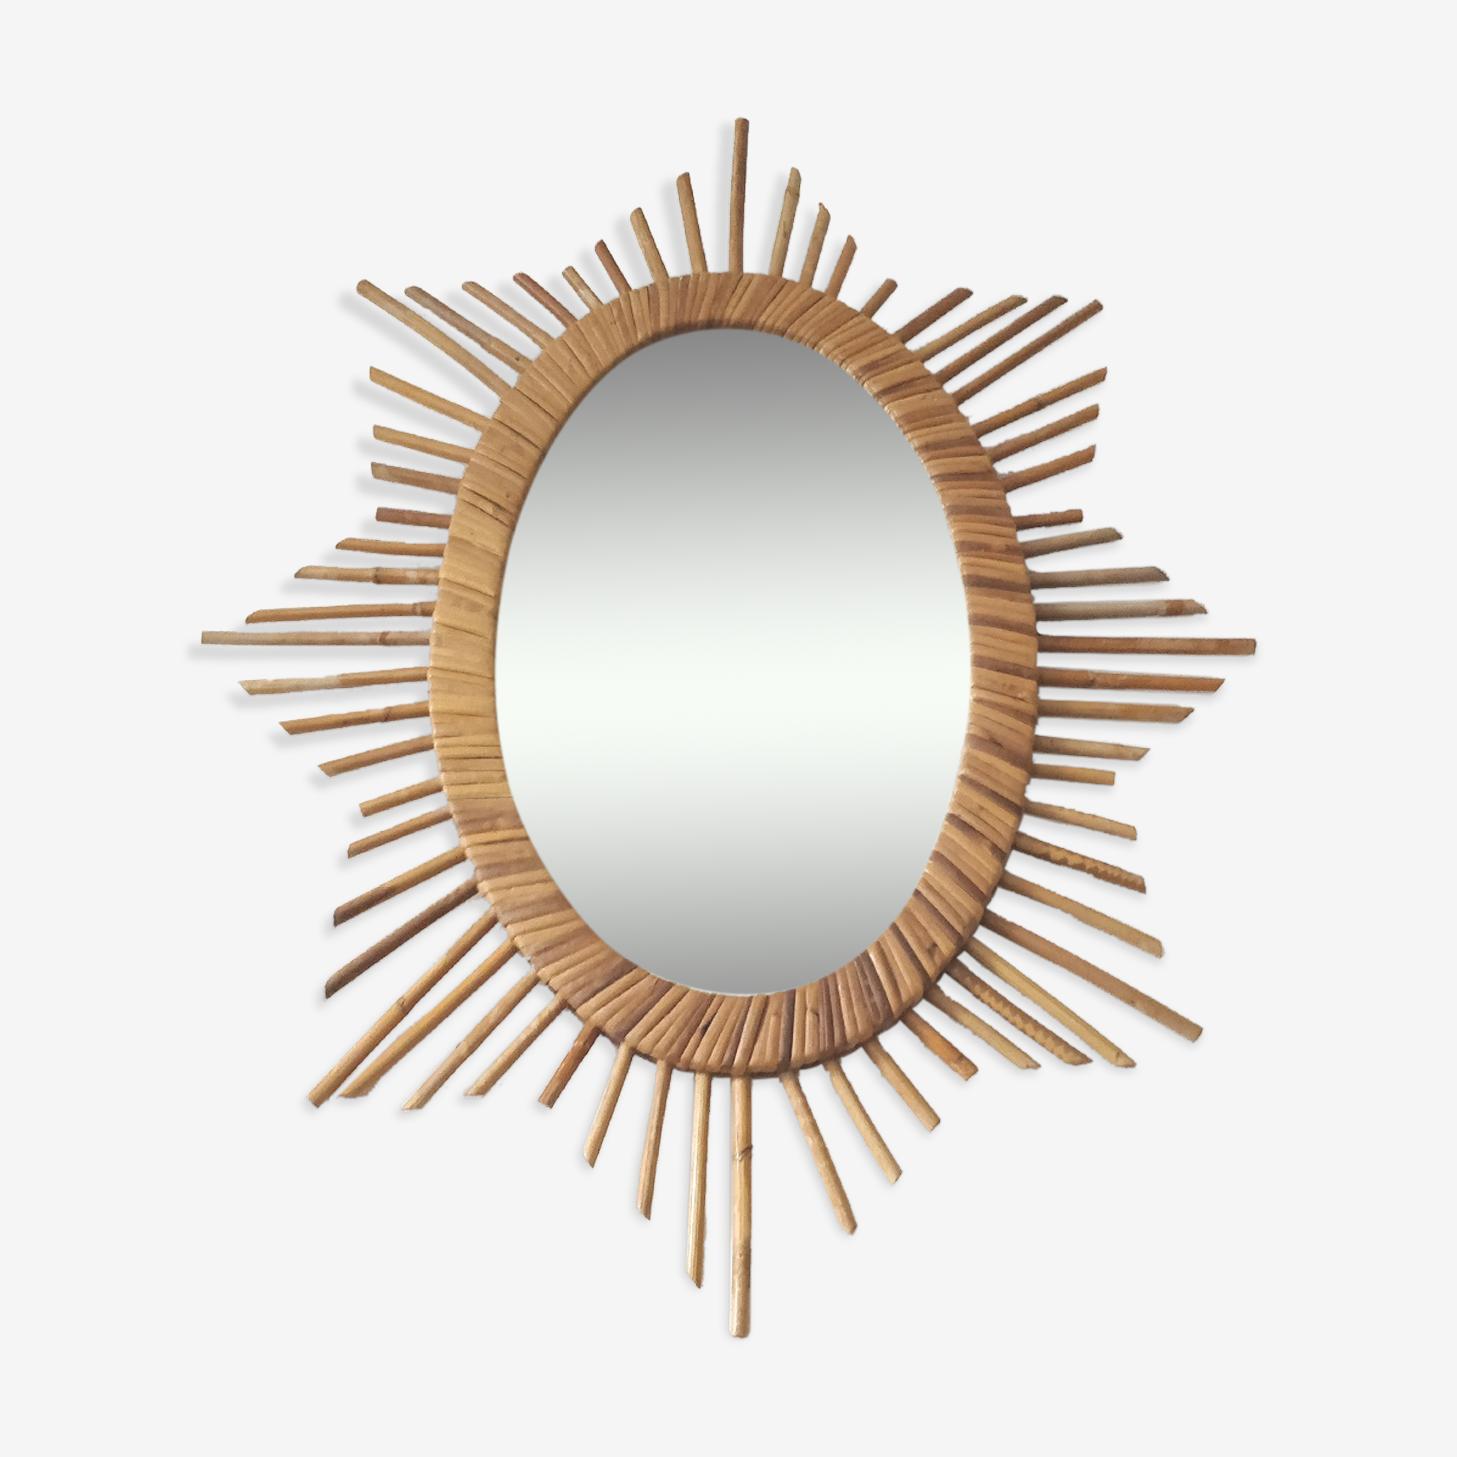 Oval rattan sun mirror 50x64cm